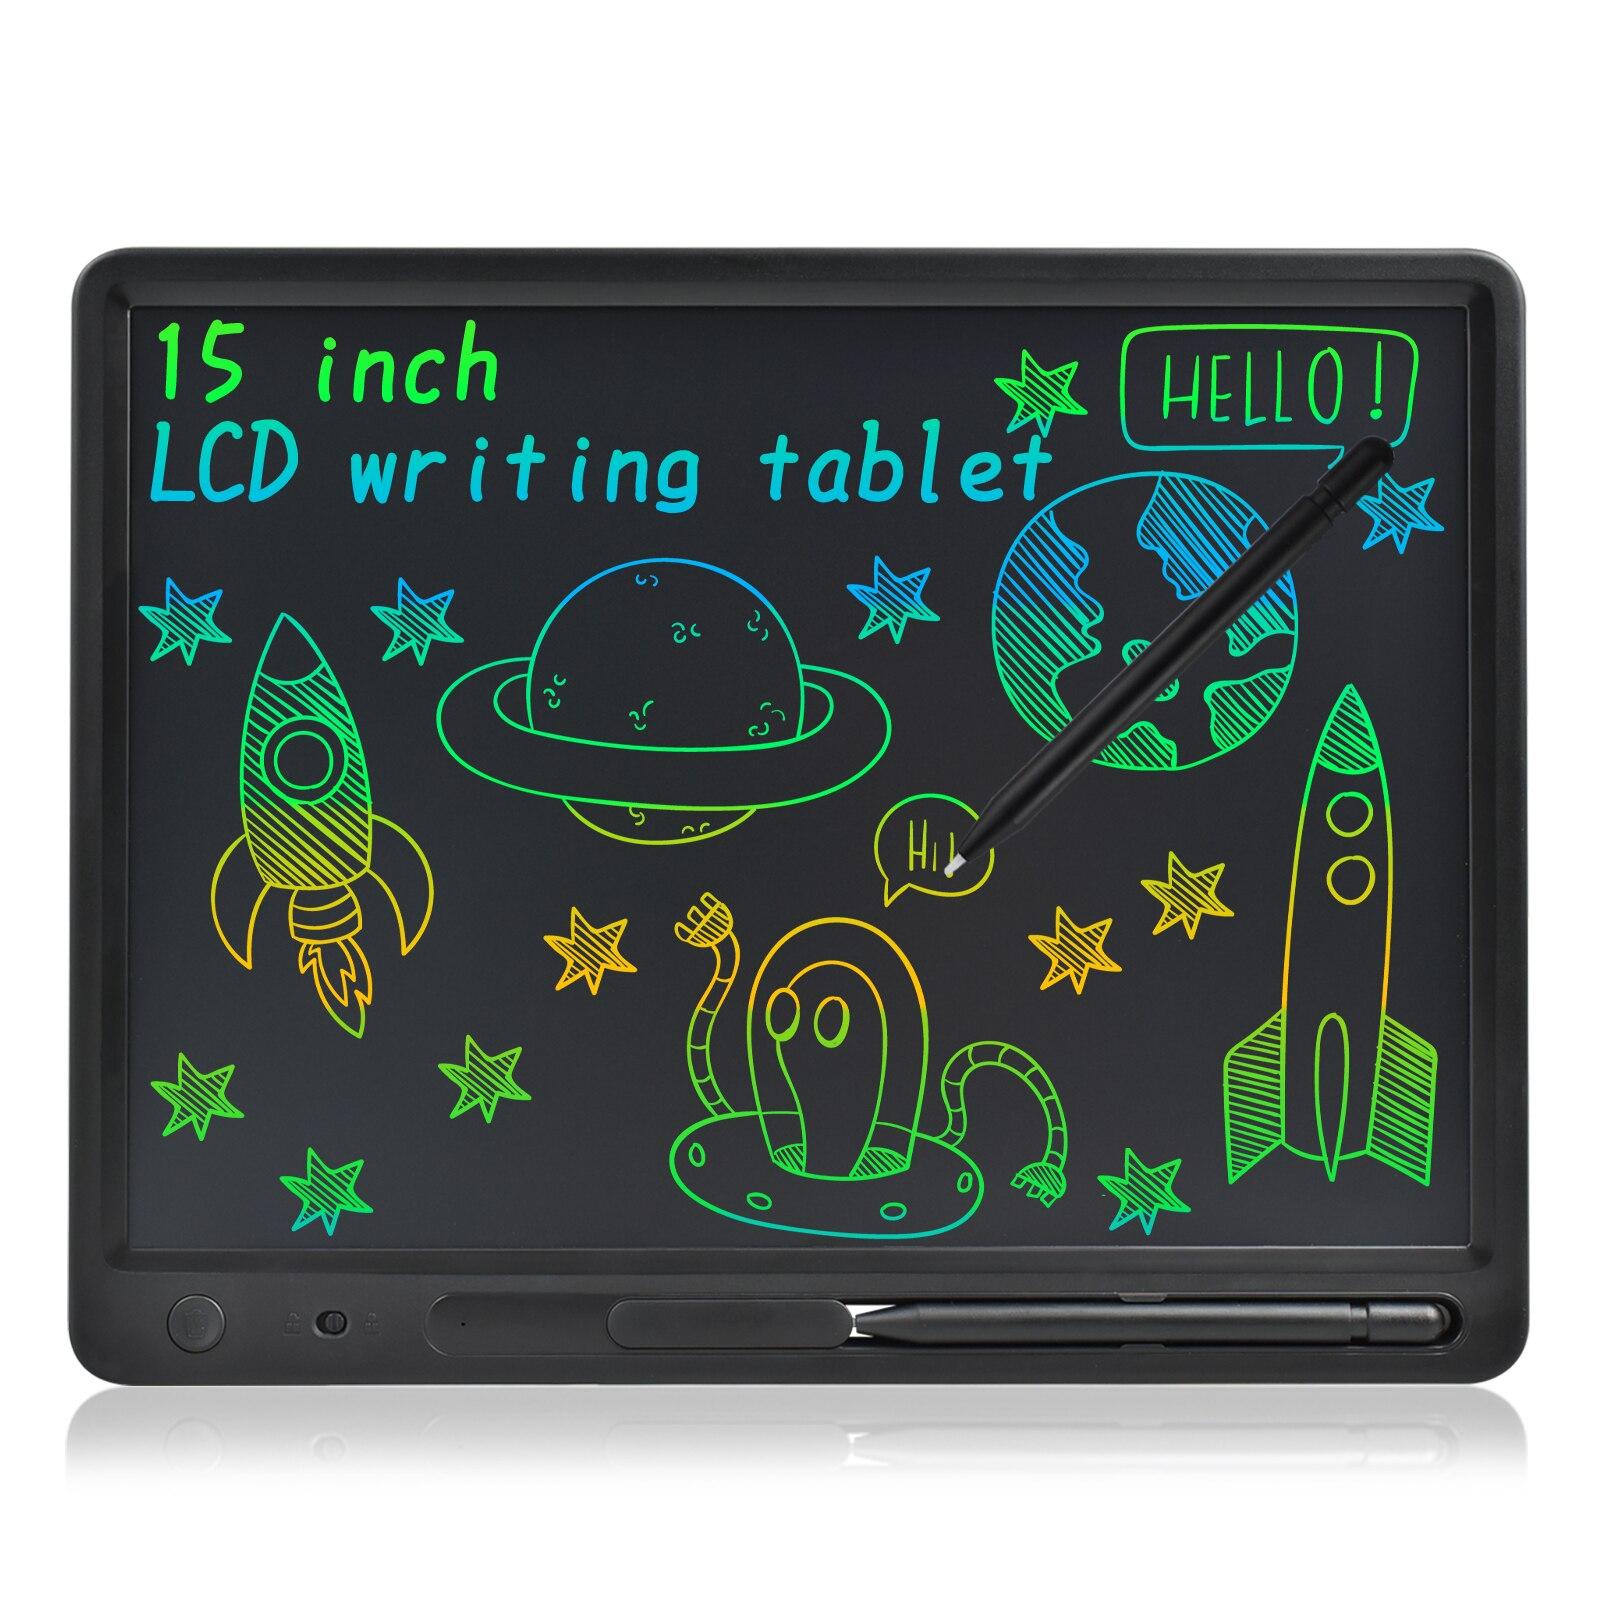 10-15 дюймов широкоформатный Размеры ЖК-дисплей планшет для письма электронные графический планшет коврик для офиса Memo доски для взрослых об...